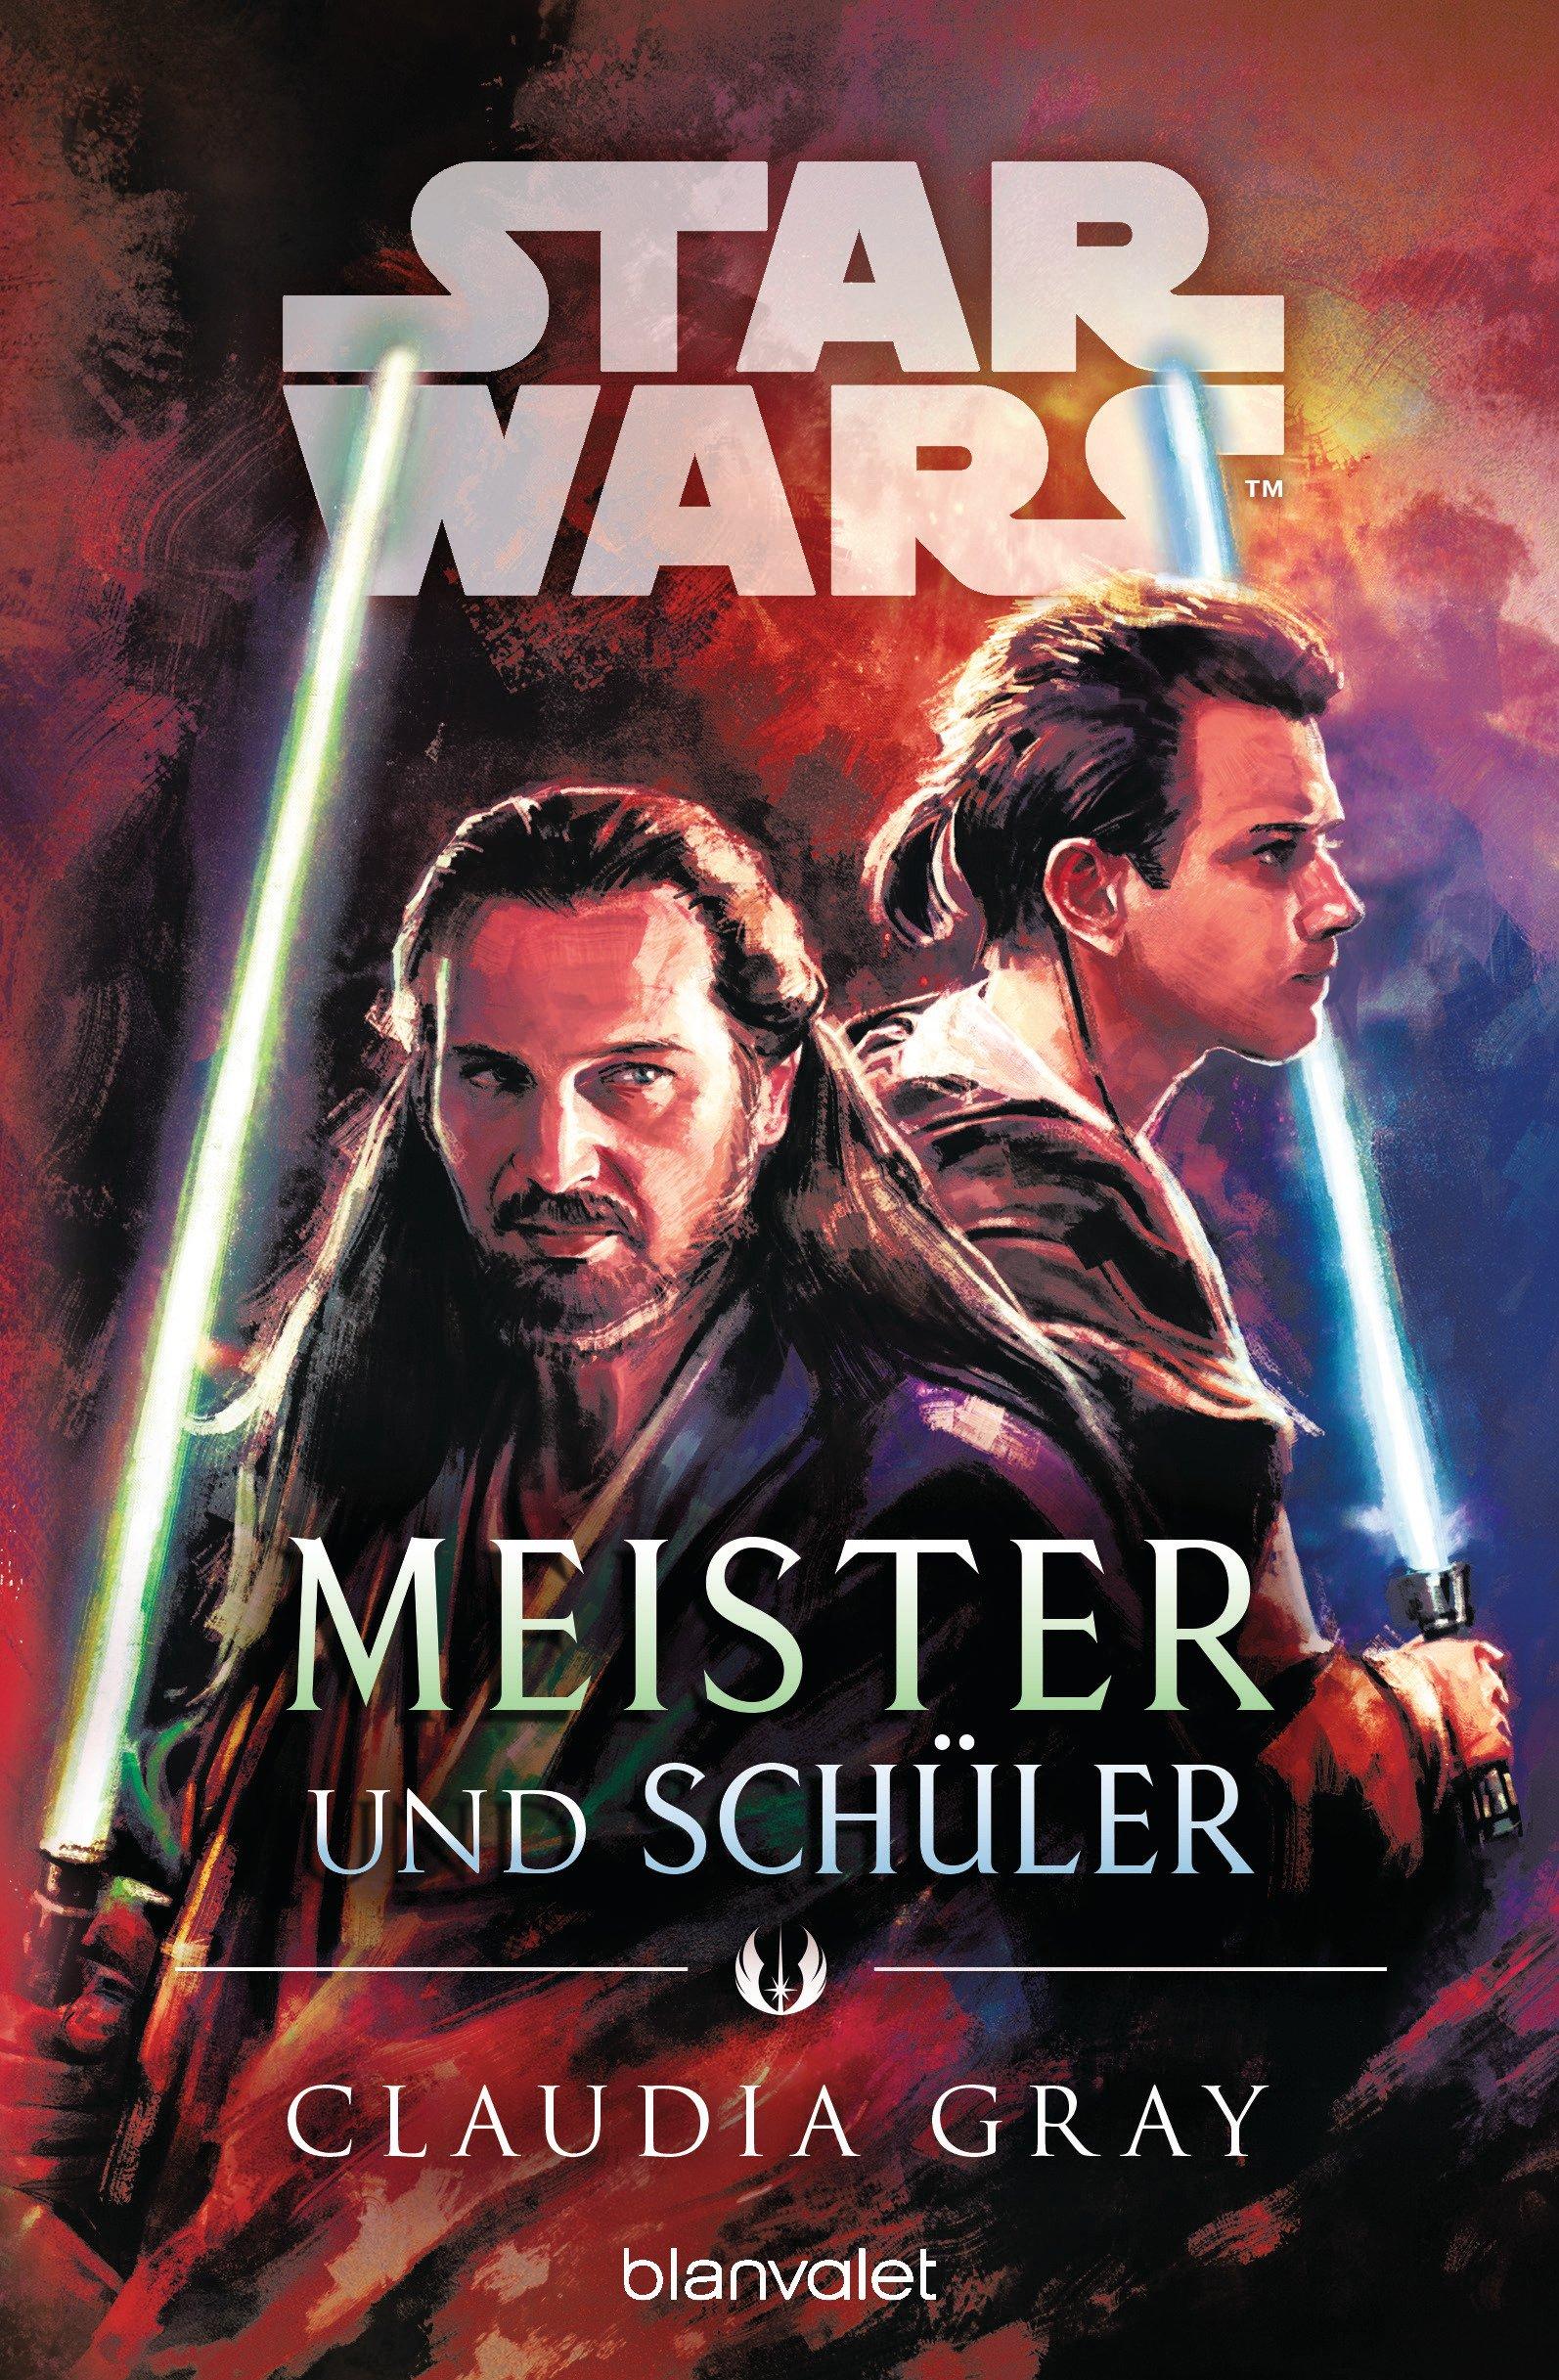 Meister und Schüler (18.11.2019)